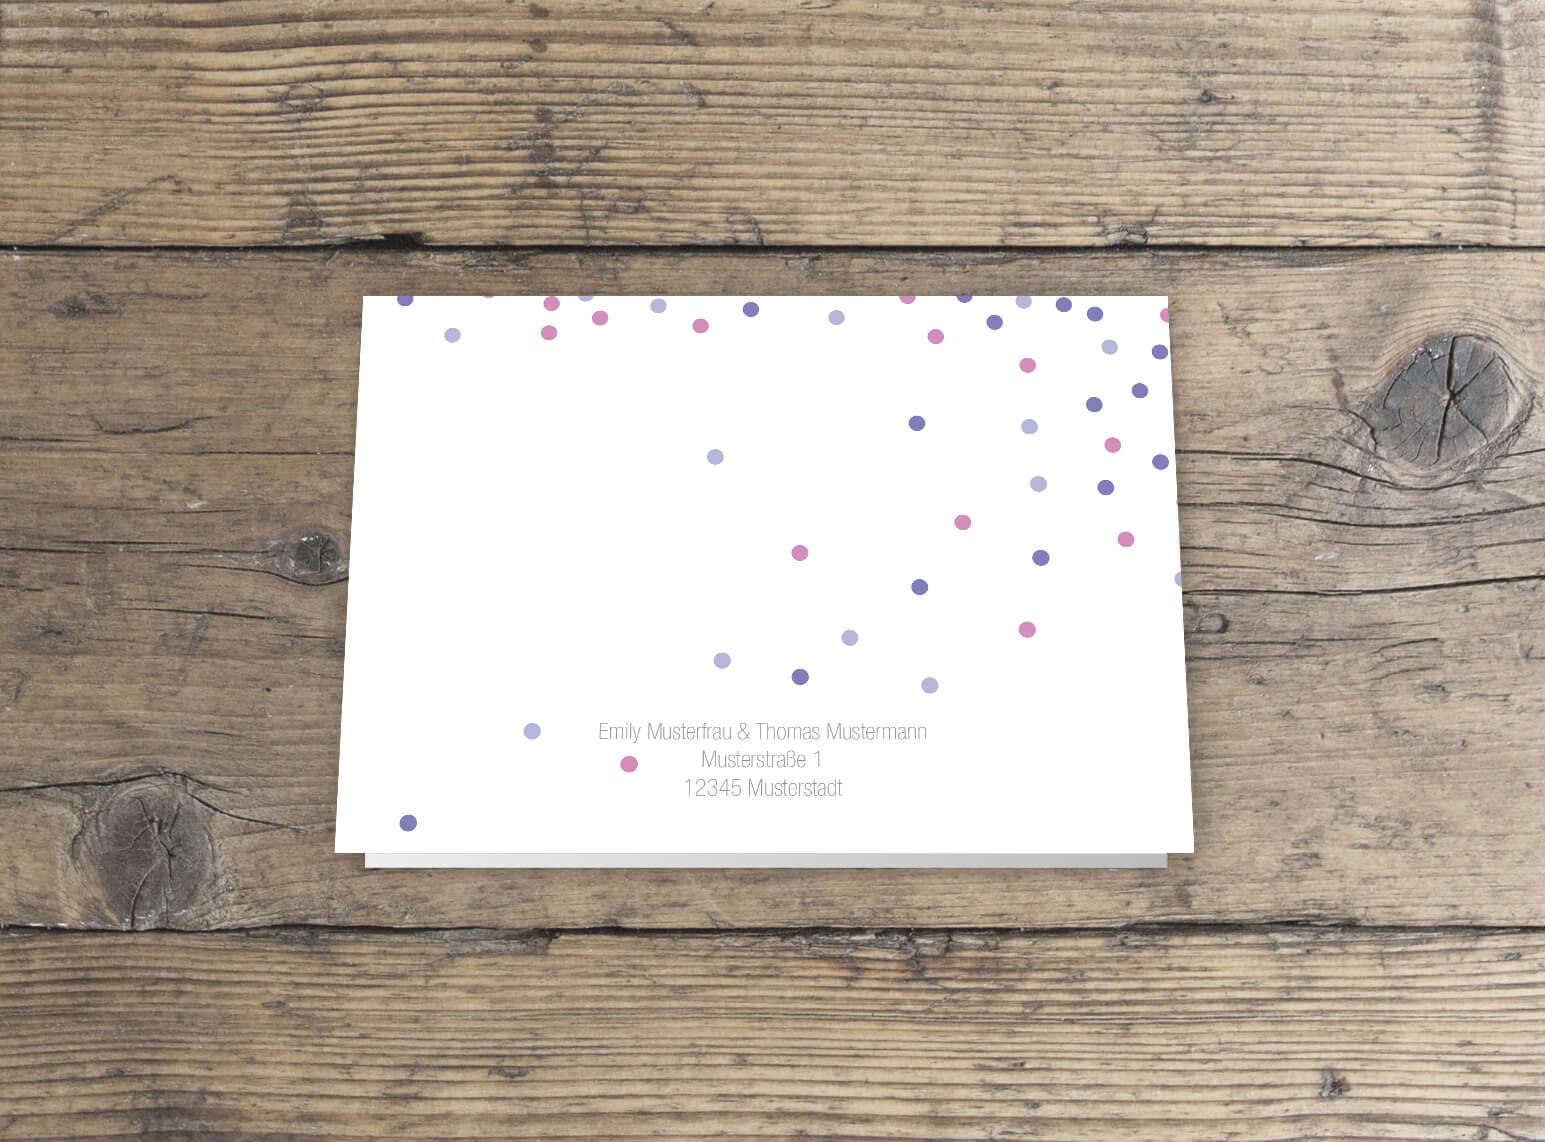 Dankesklappkarte Hochzeitspapeterie Rückseite